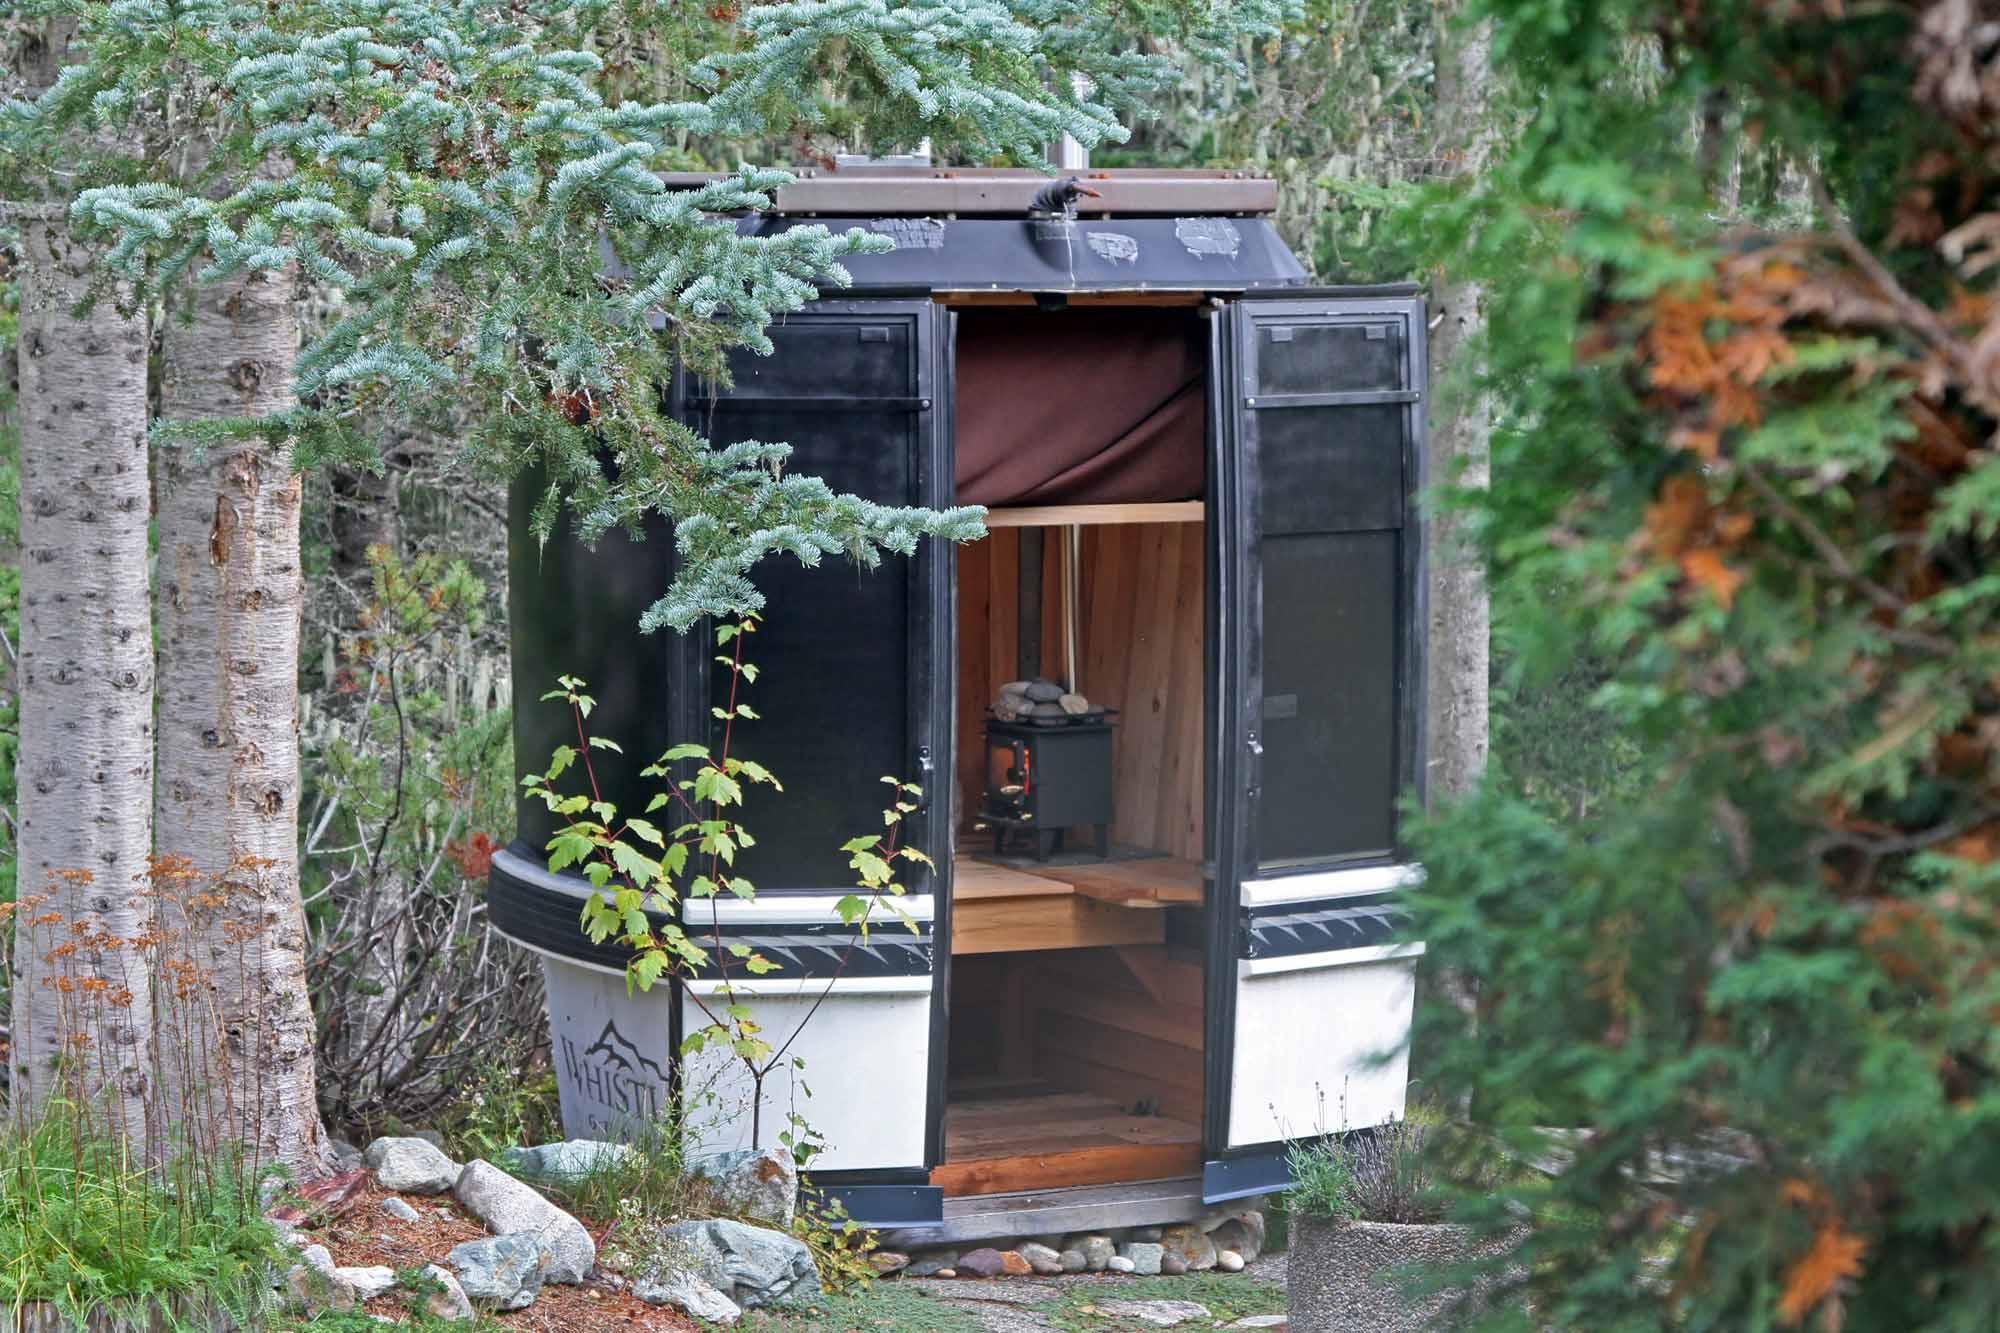 The-Saundola-Whistler-Gondola-photo-by-Todd-Lawson-exterior